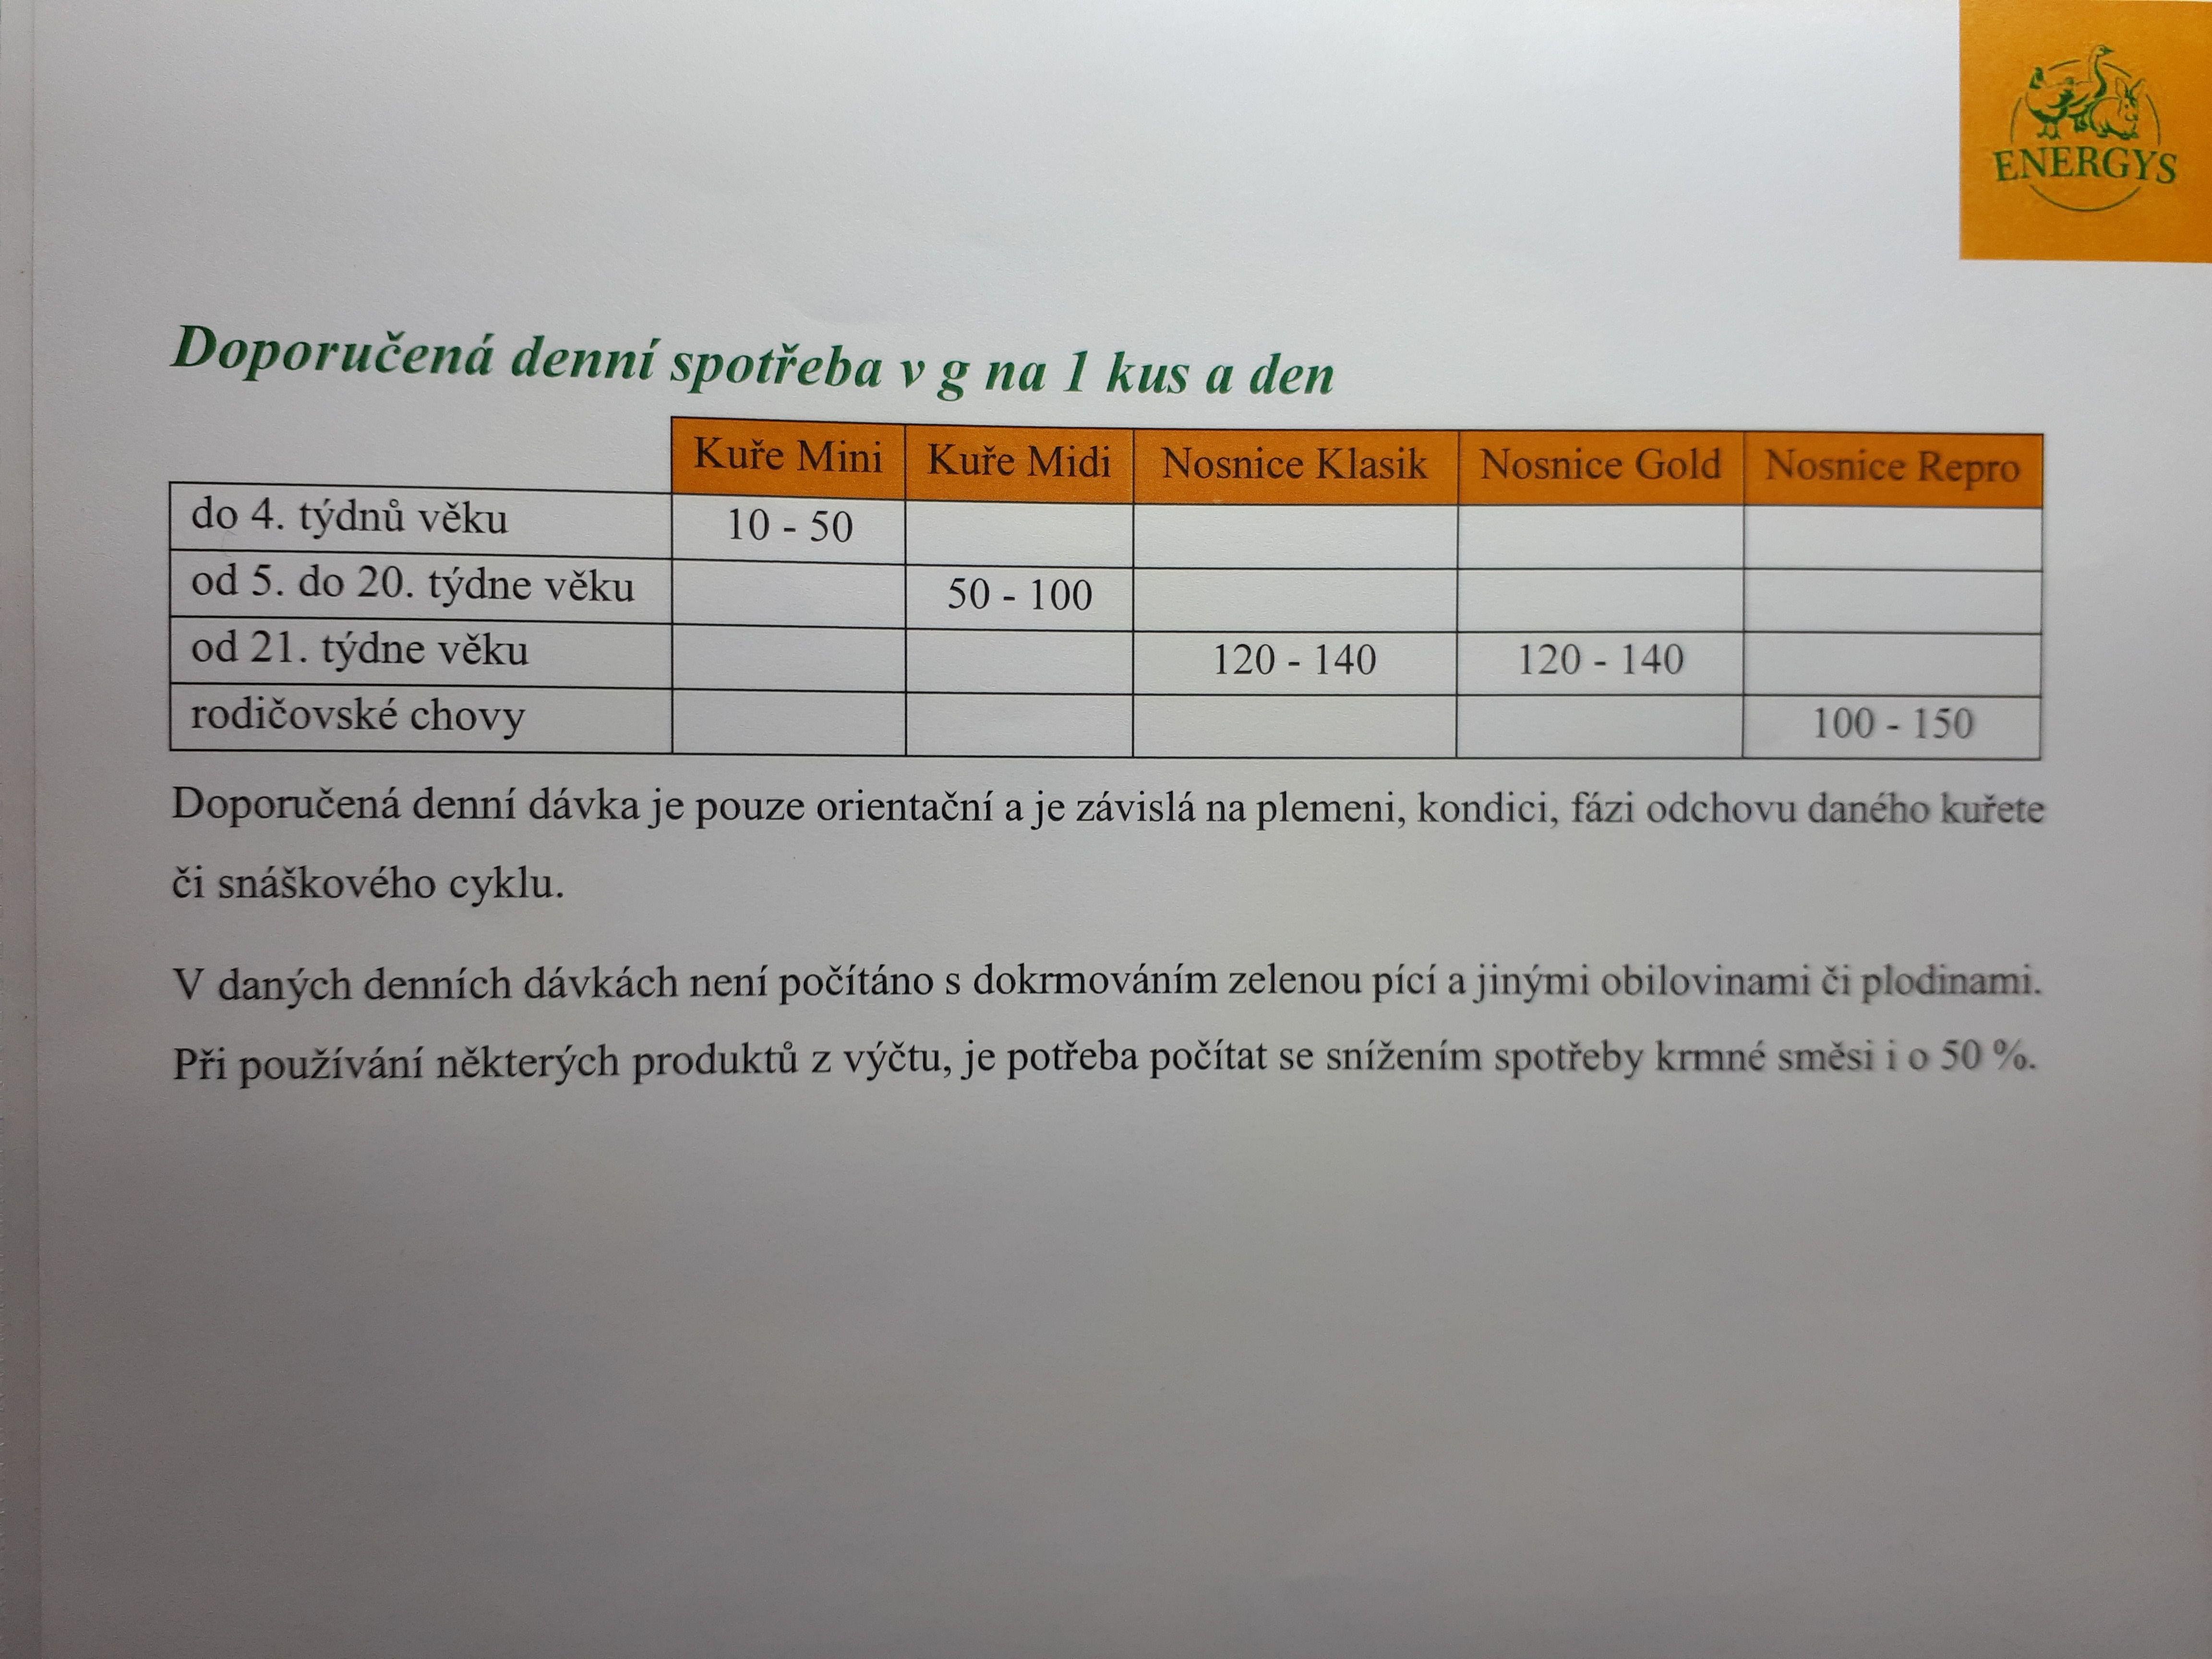 ENERGYS KUŘE Midi granule 25kg Kilogramy: 25, cena při odběru: 1 - 19 pytlů